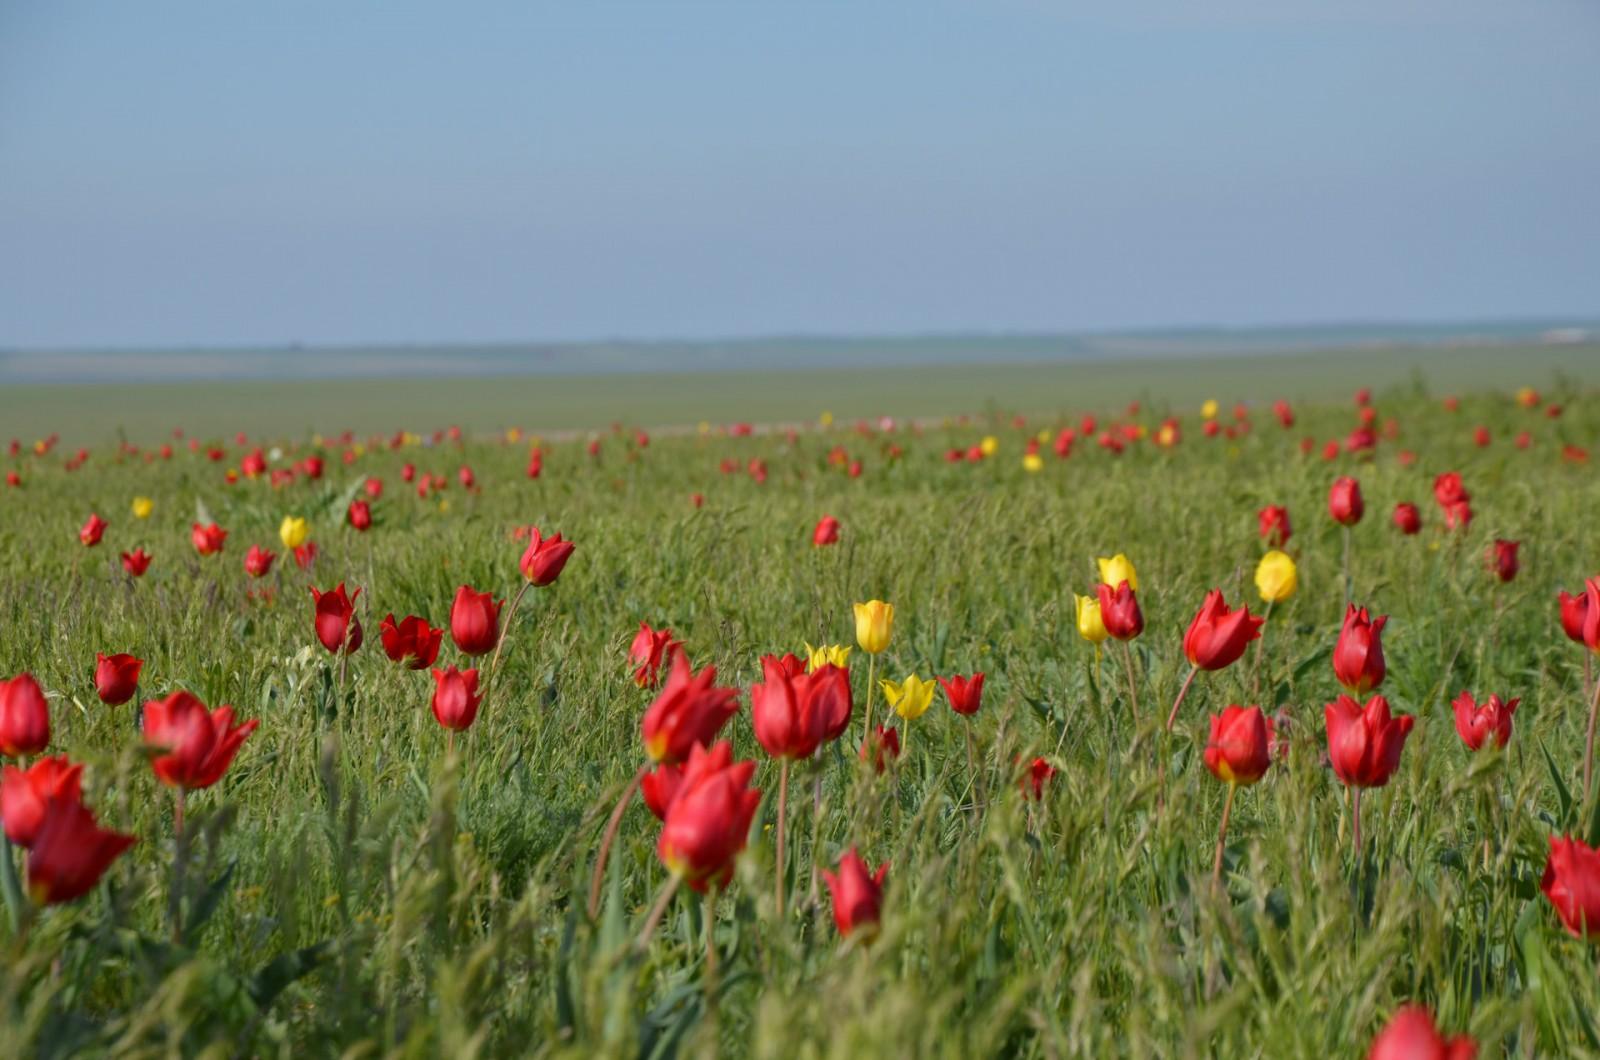 Фестиваль тюльпанов в Калмыкии может состояться только при соблюдении строгих санитарно-противоэпидемических правил